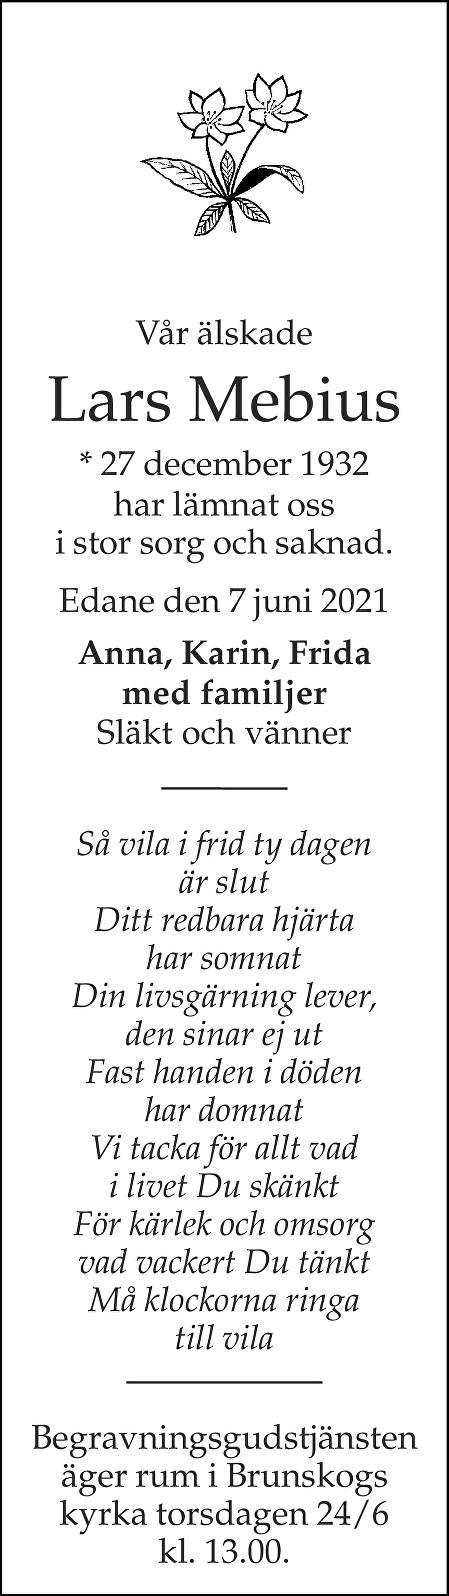 Lars Mebius Death notice